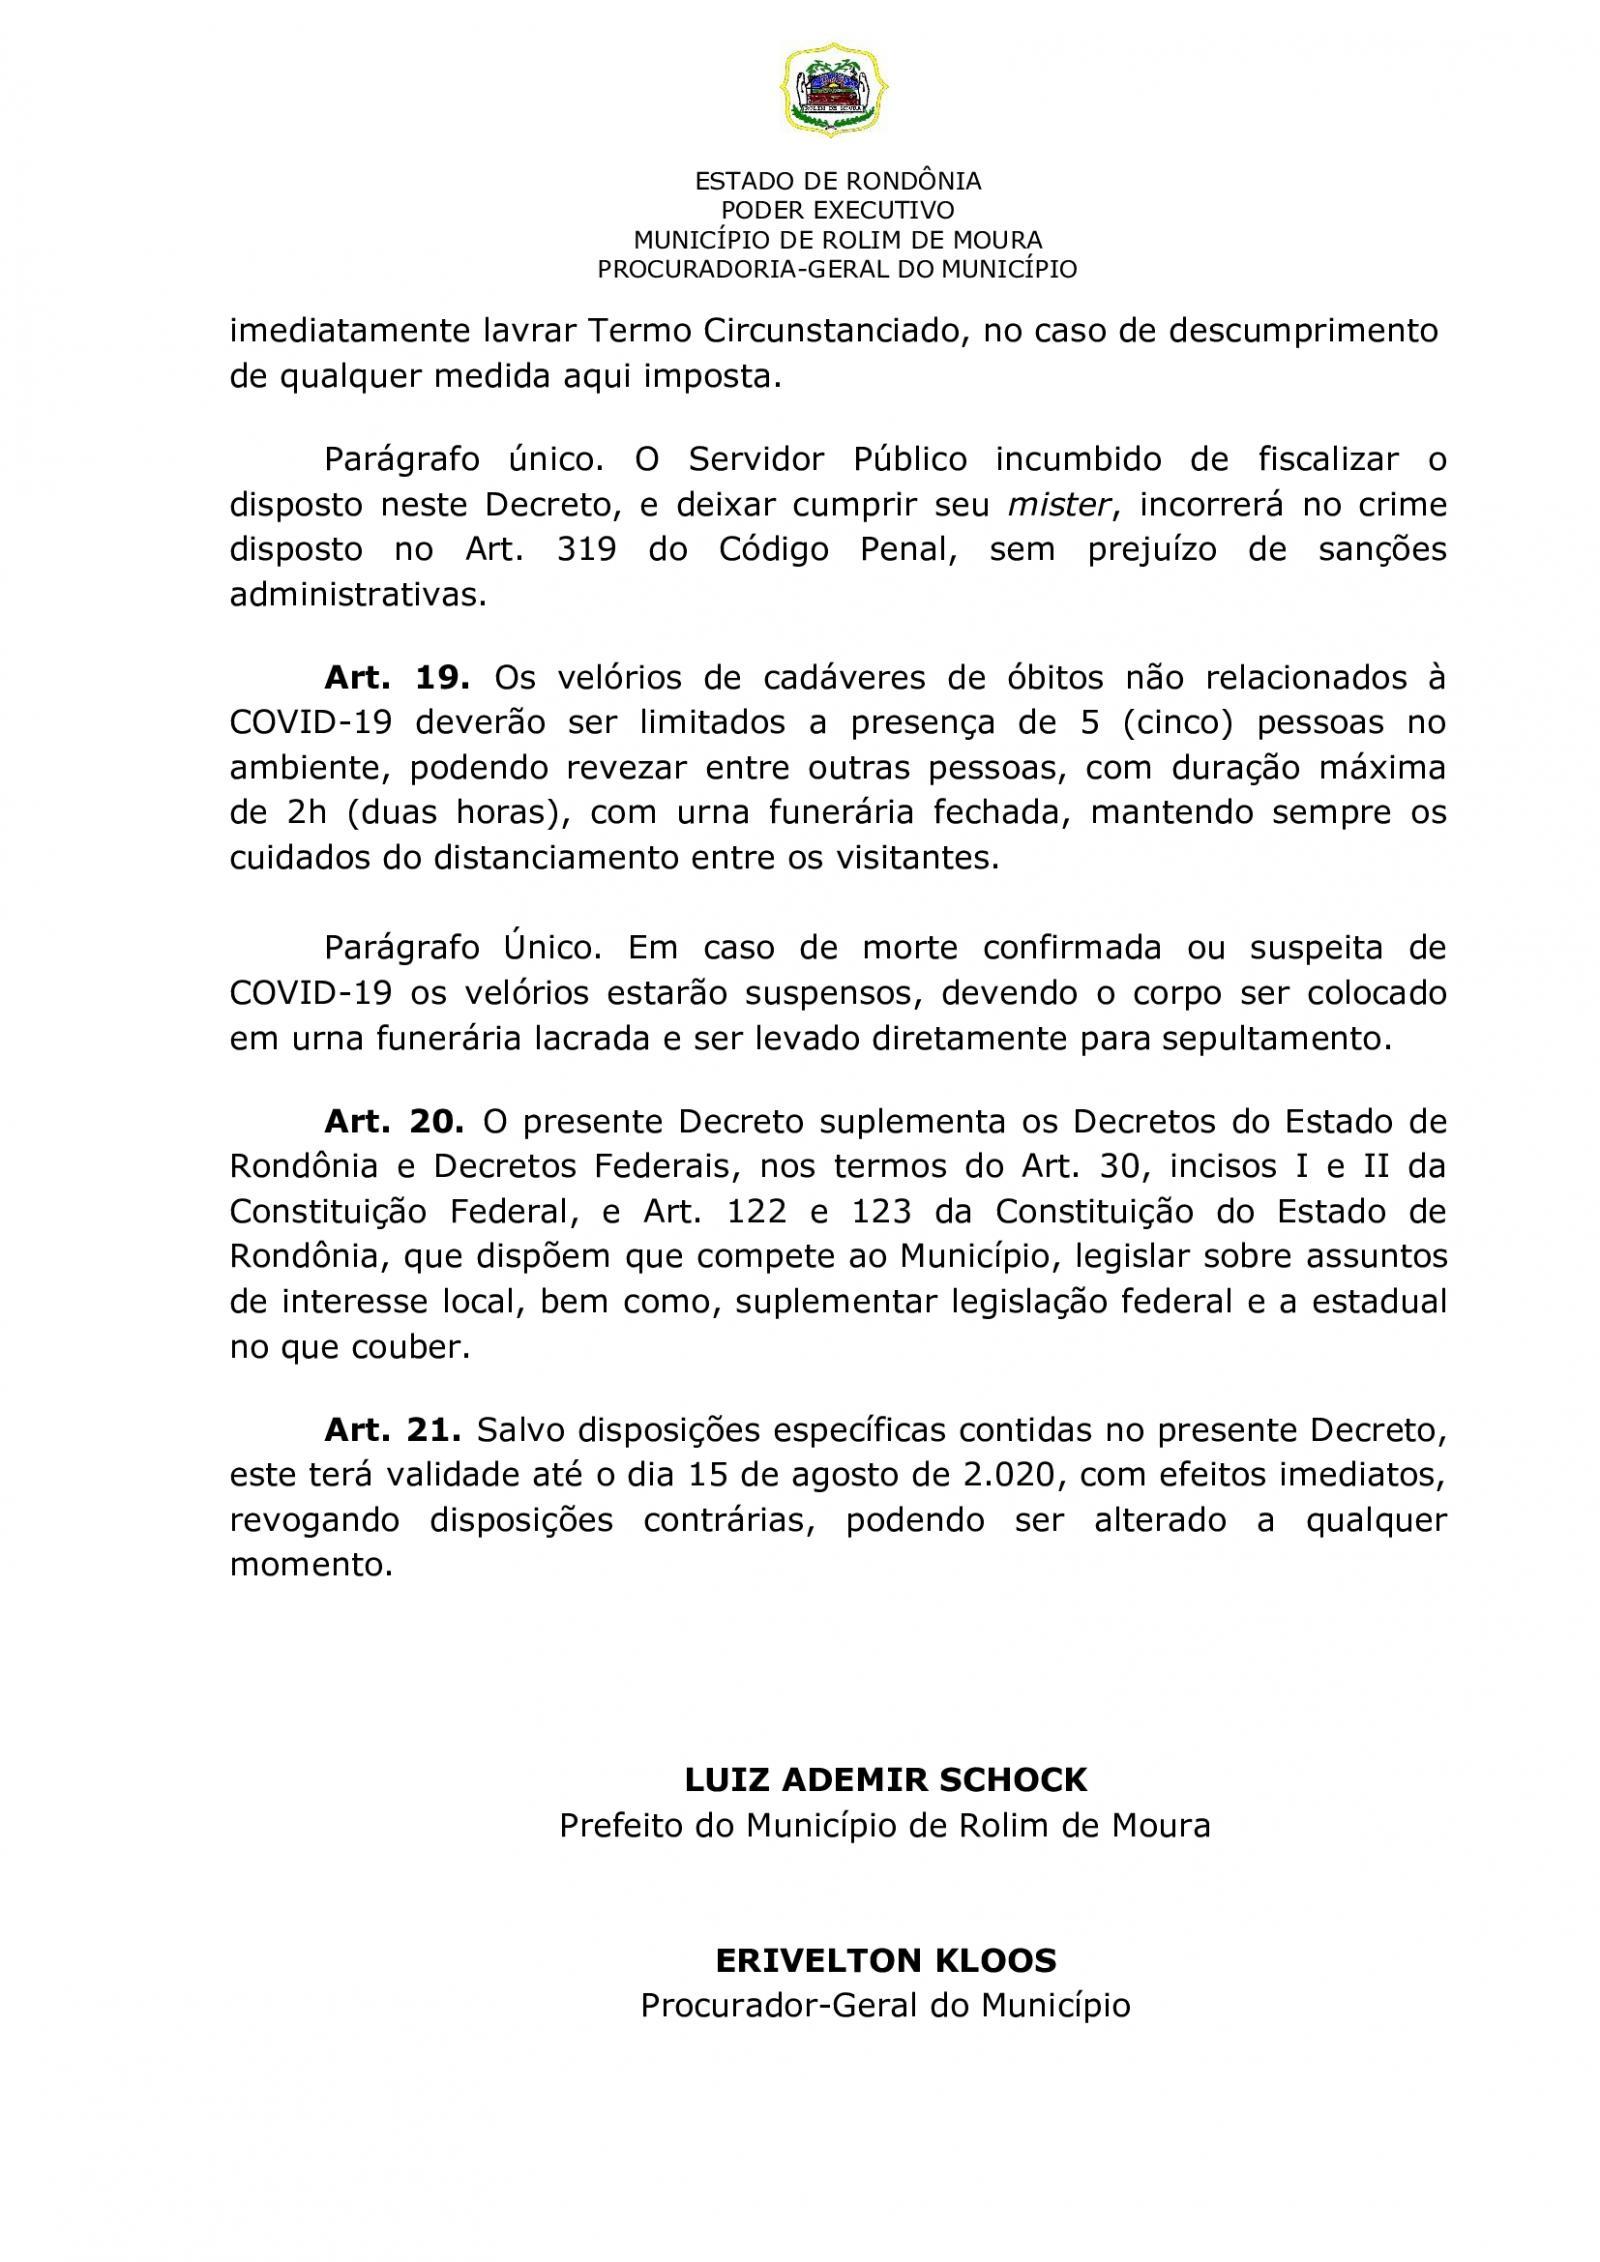 Prefeitura de Rolim de Moura publica novo decreto em combate ao covid-19; veja o que muda